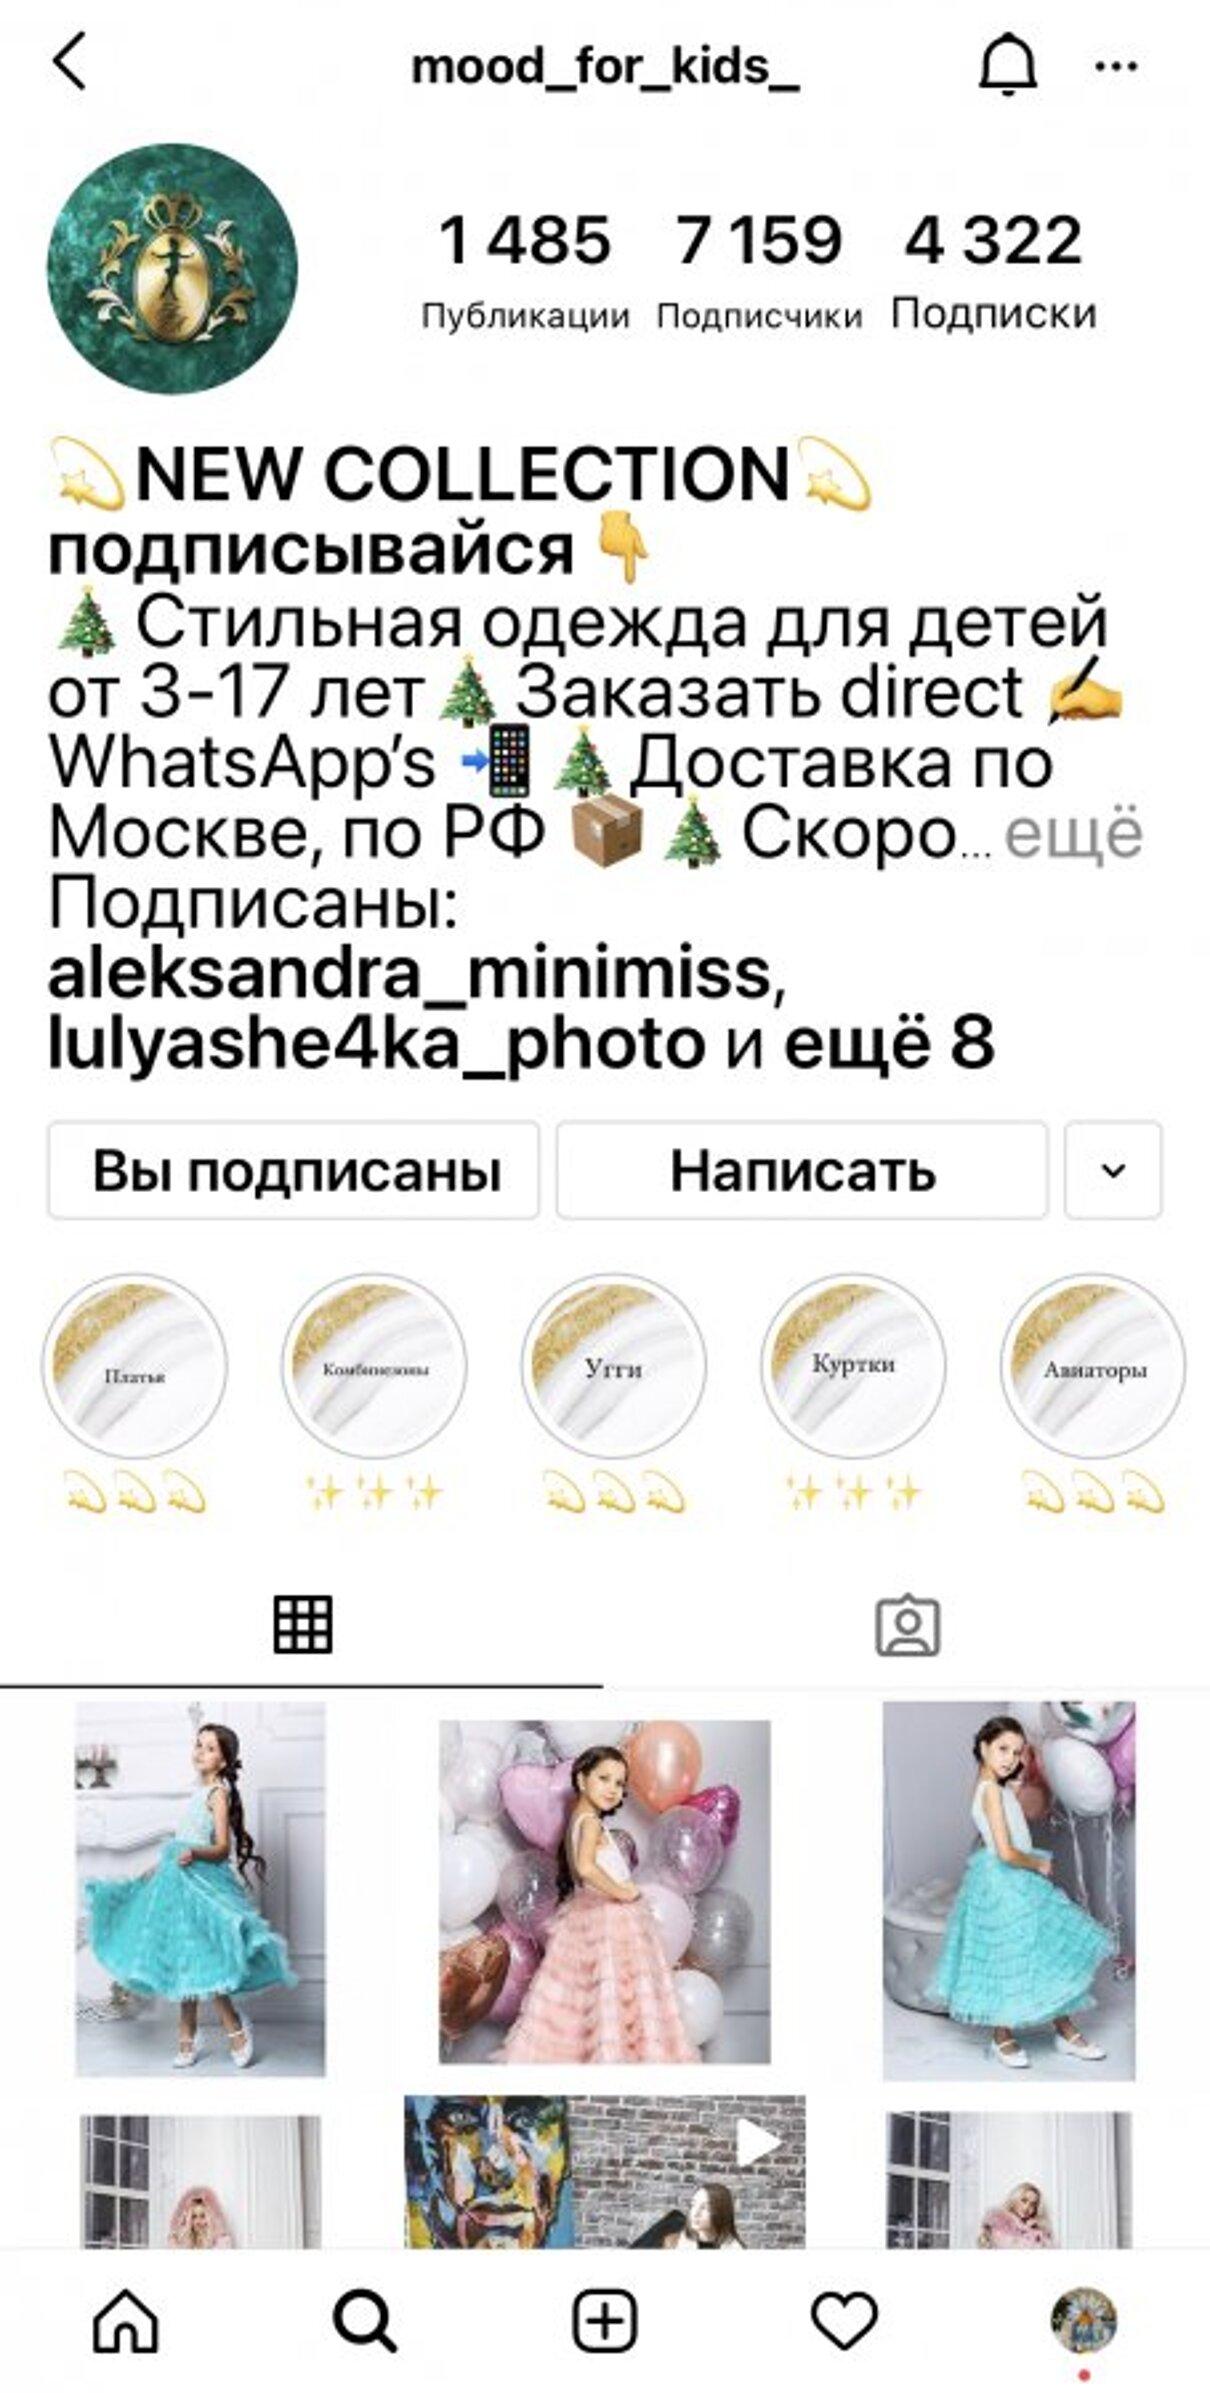 Жалоба-отзыв: Ландыш Рустямовна Нагимова - Обман, обещания, не выполняет обязательства.  Фото №1